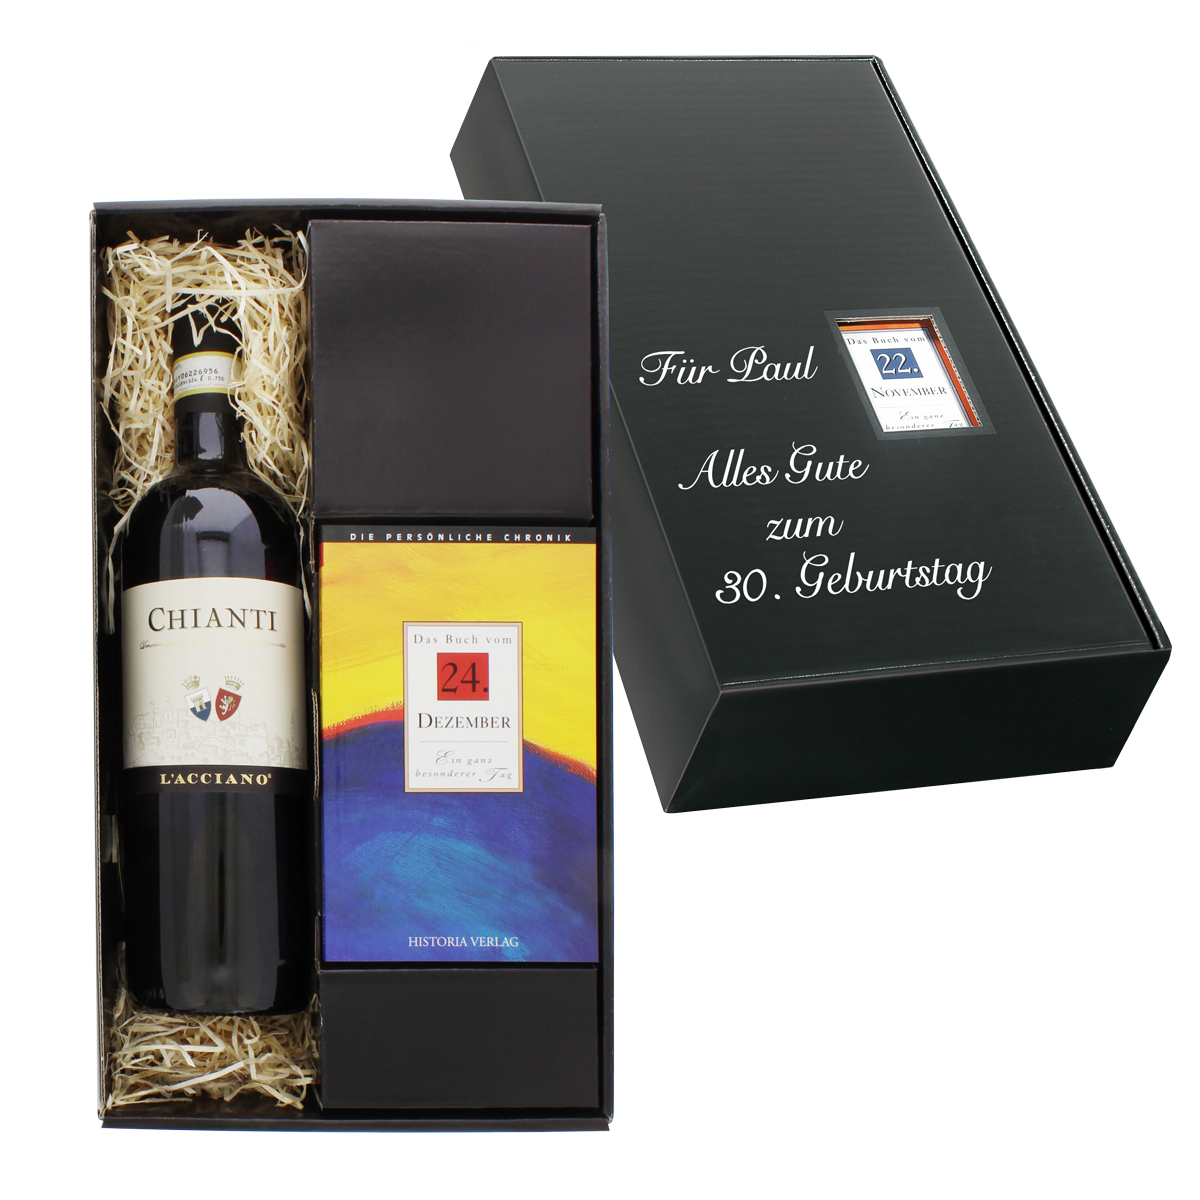 Italien-Set: Tageschronik vom 13. Mai & Chianti-Wein